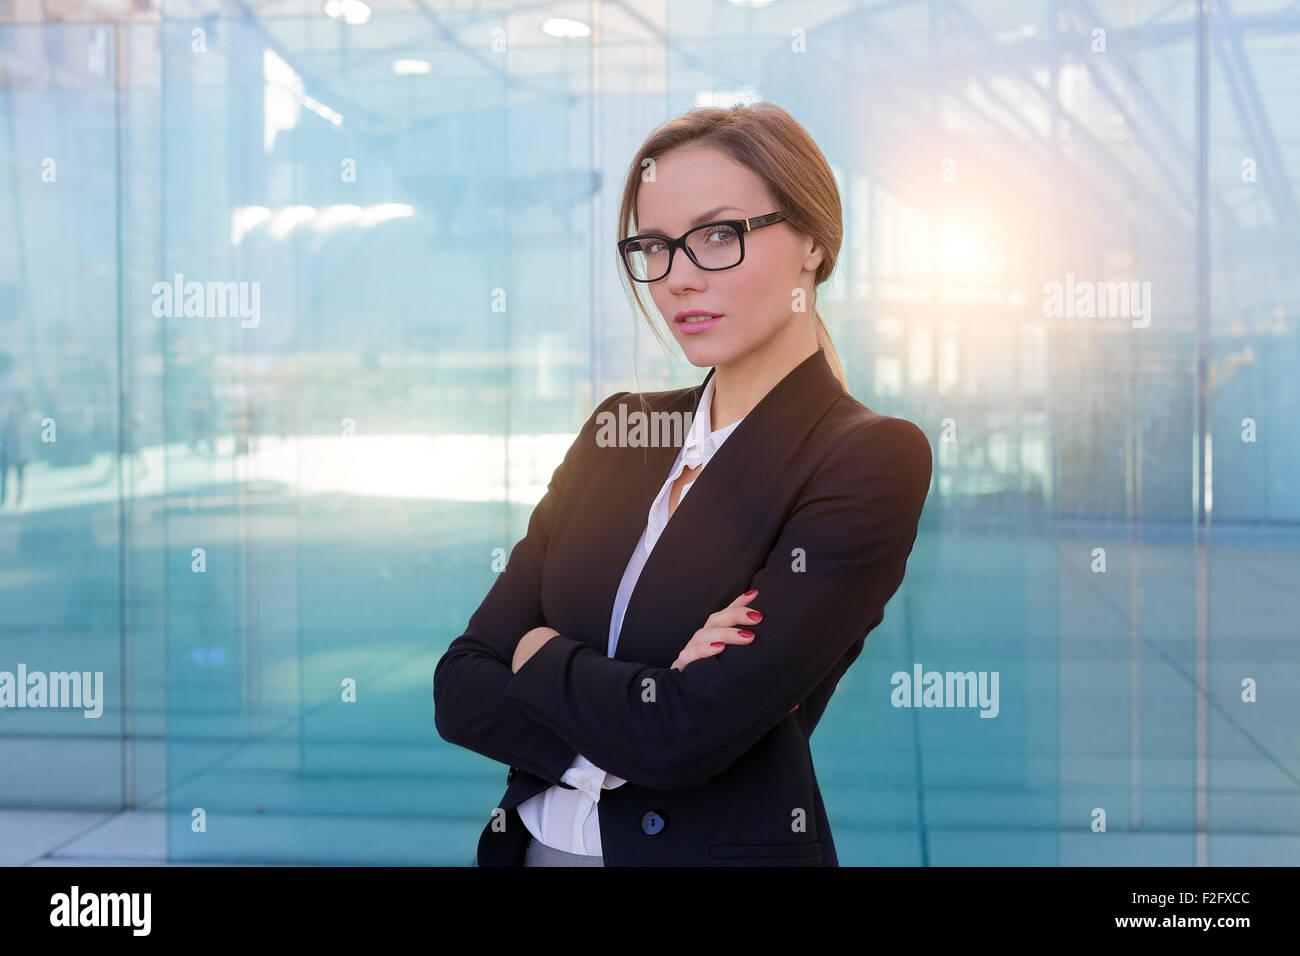 Ritratto di una imprenditrice Immagini Stock